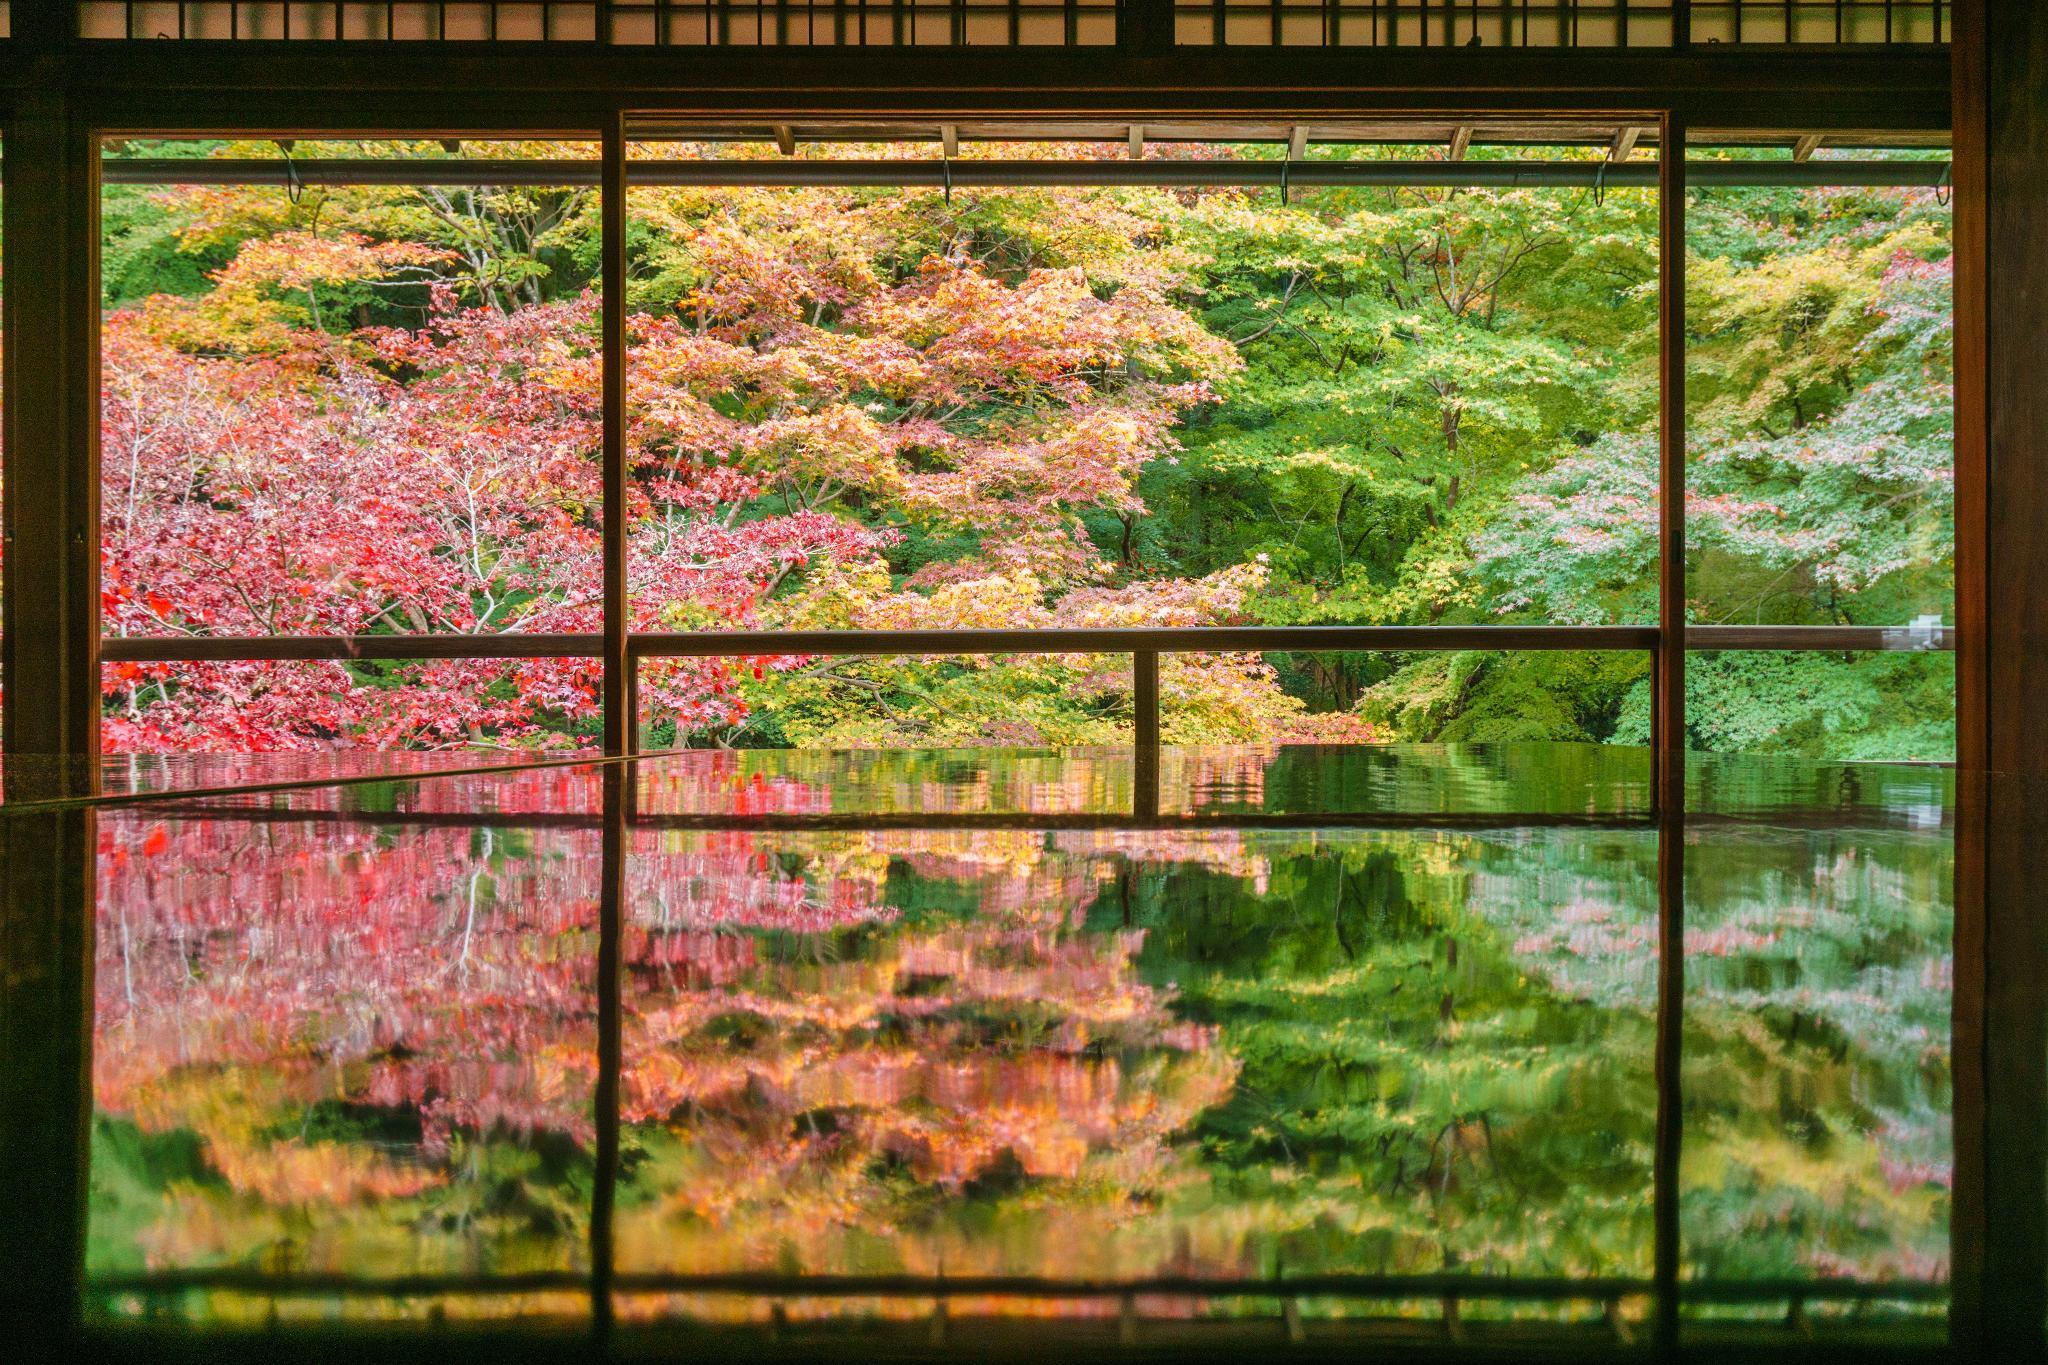 【京都】如夢似幻的琉璃光影 - 八瀨琉璃光院 89